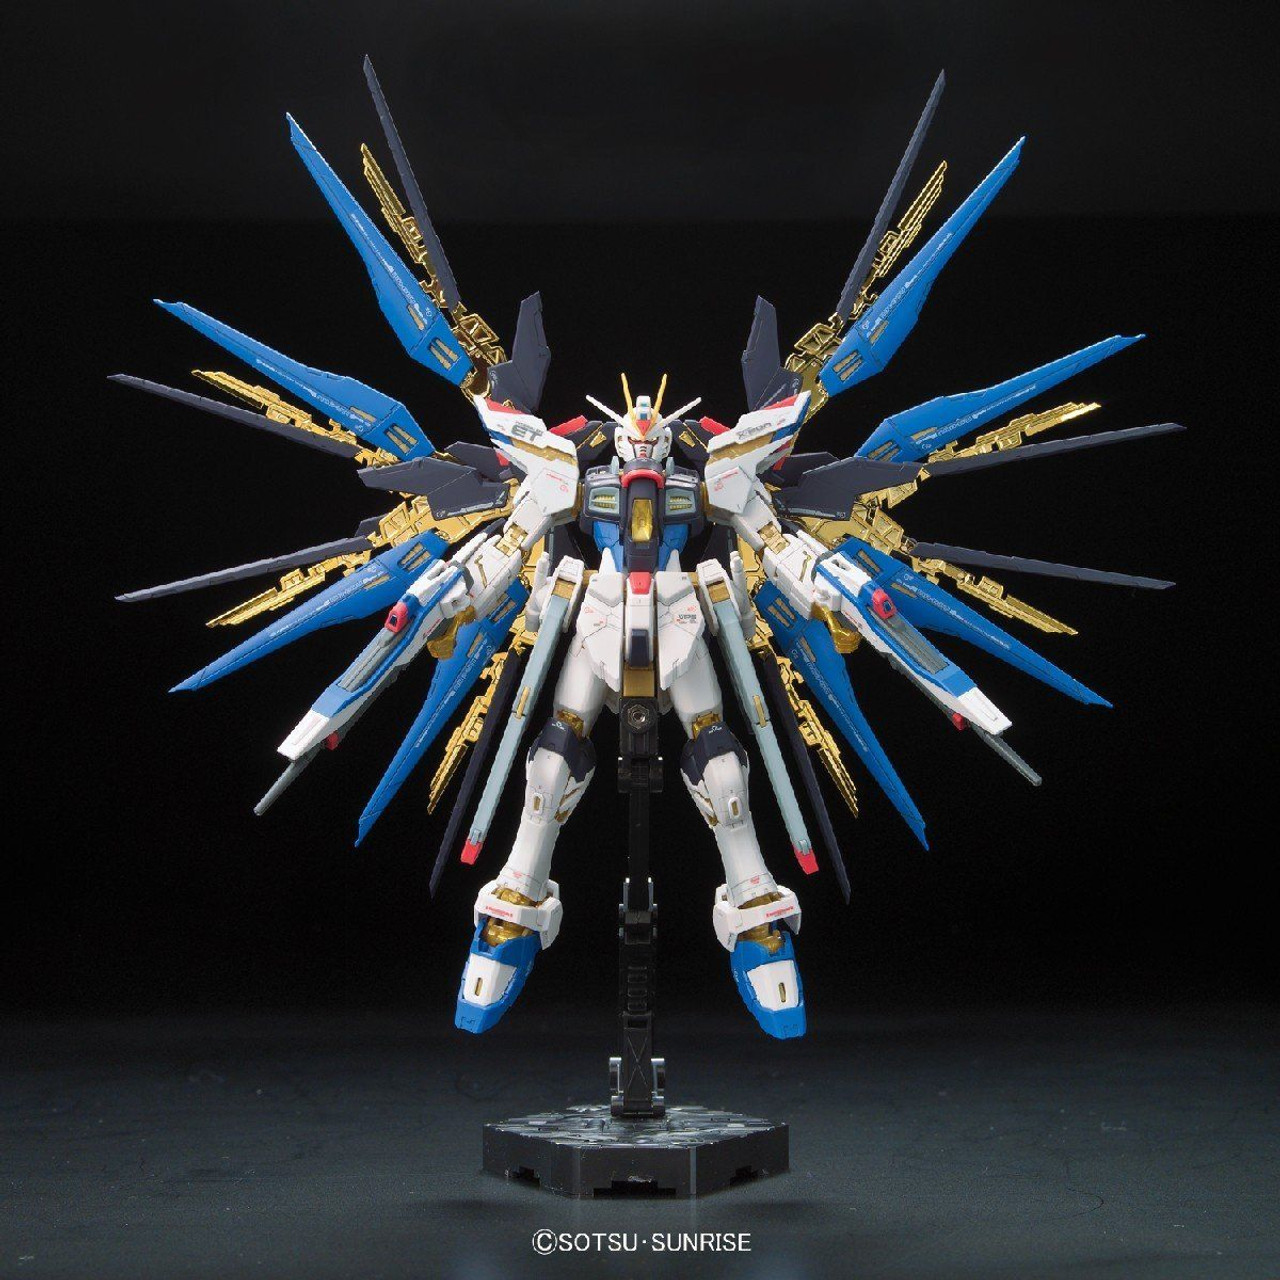 RG 1/144 #14 - ZGMF-X20A Strike Freedom Gundam